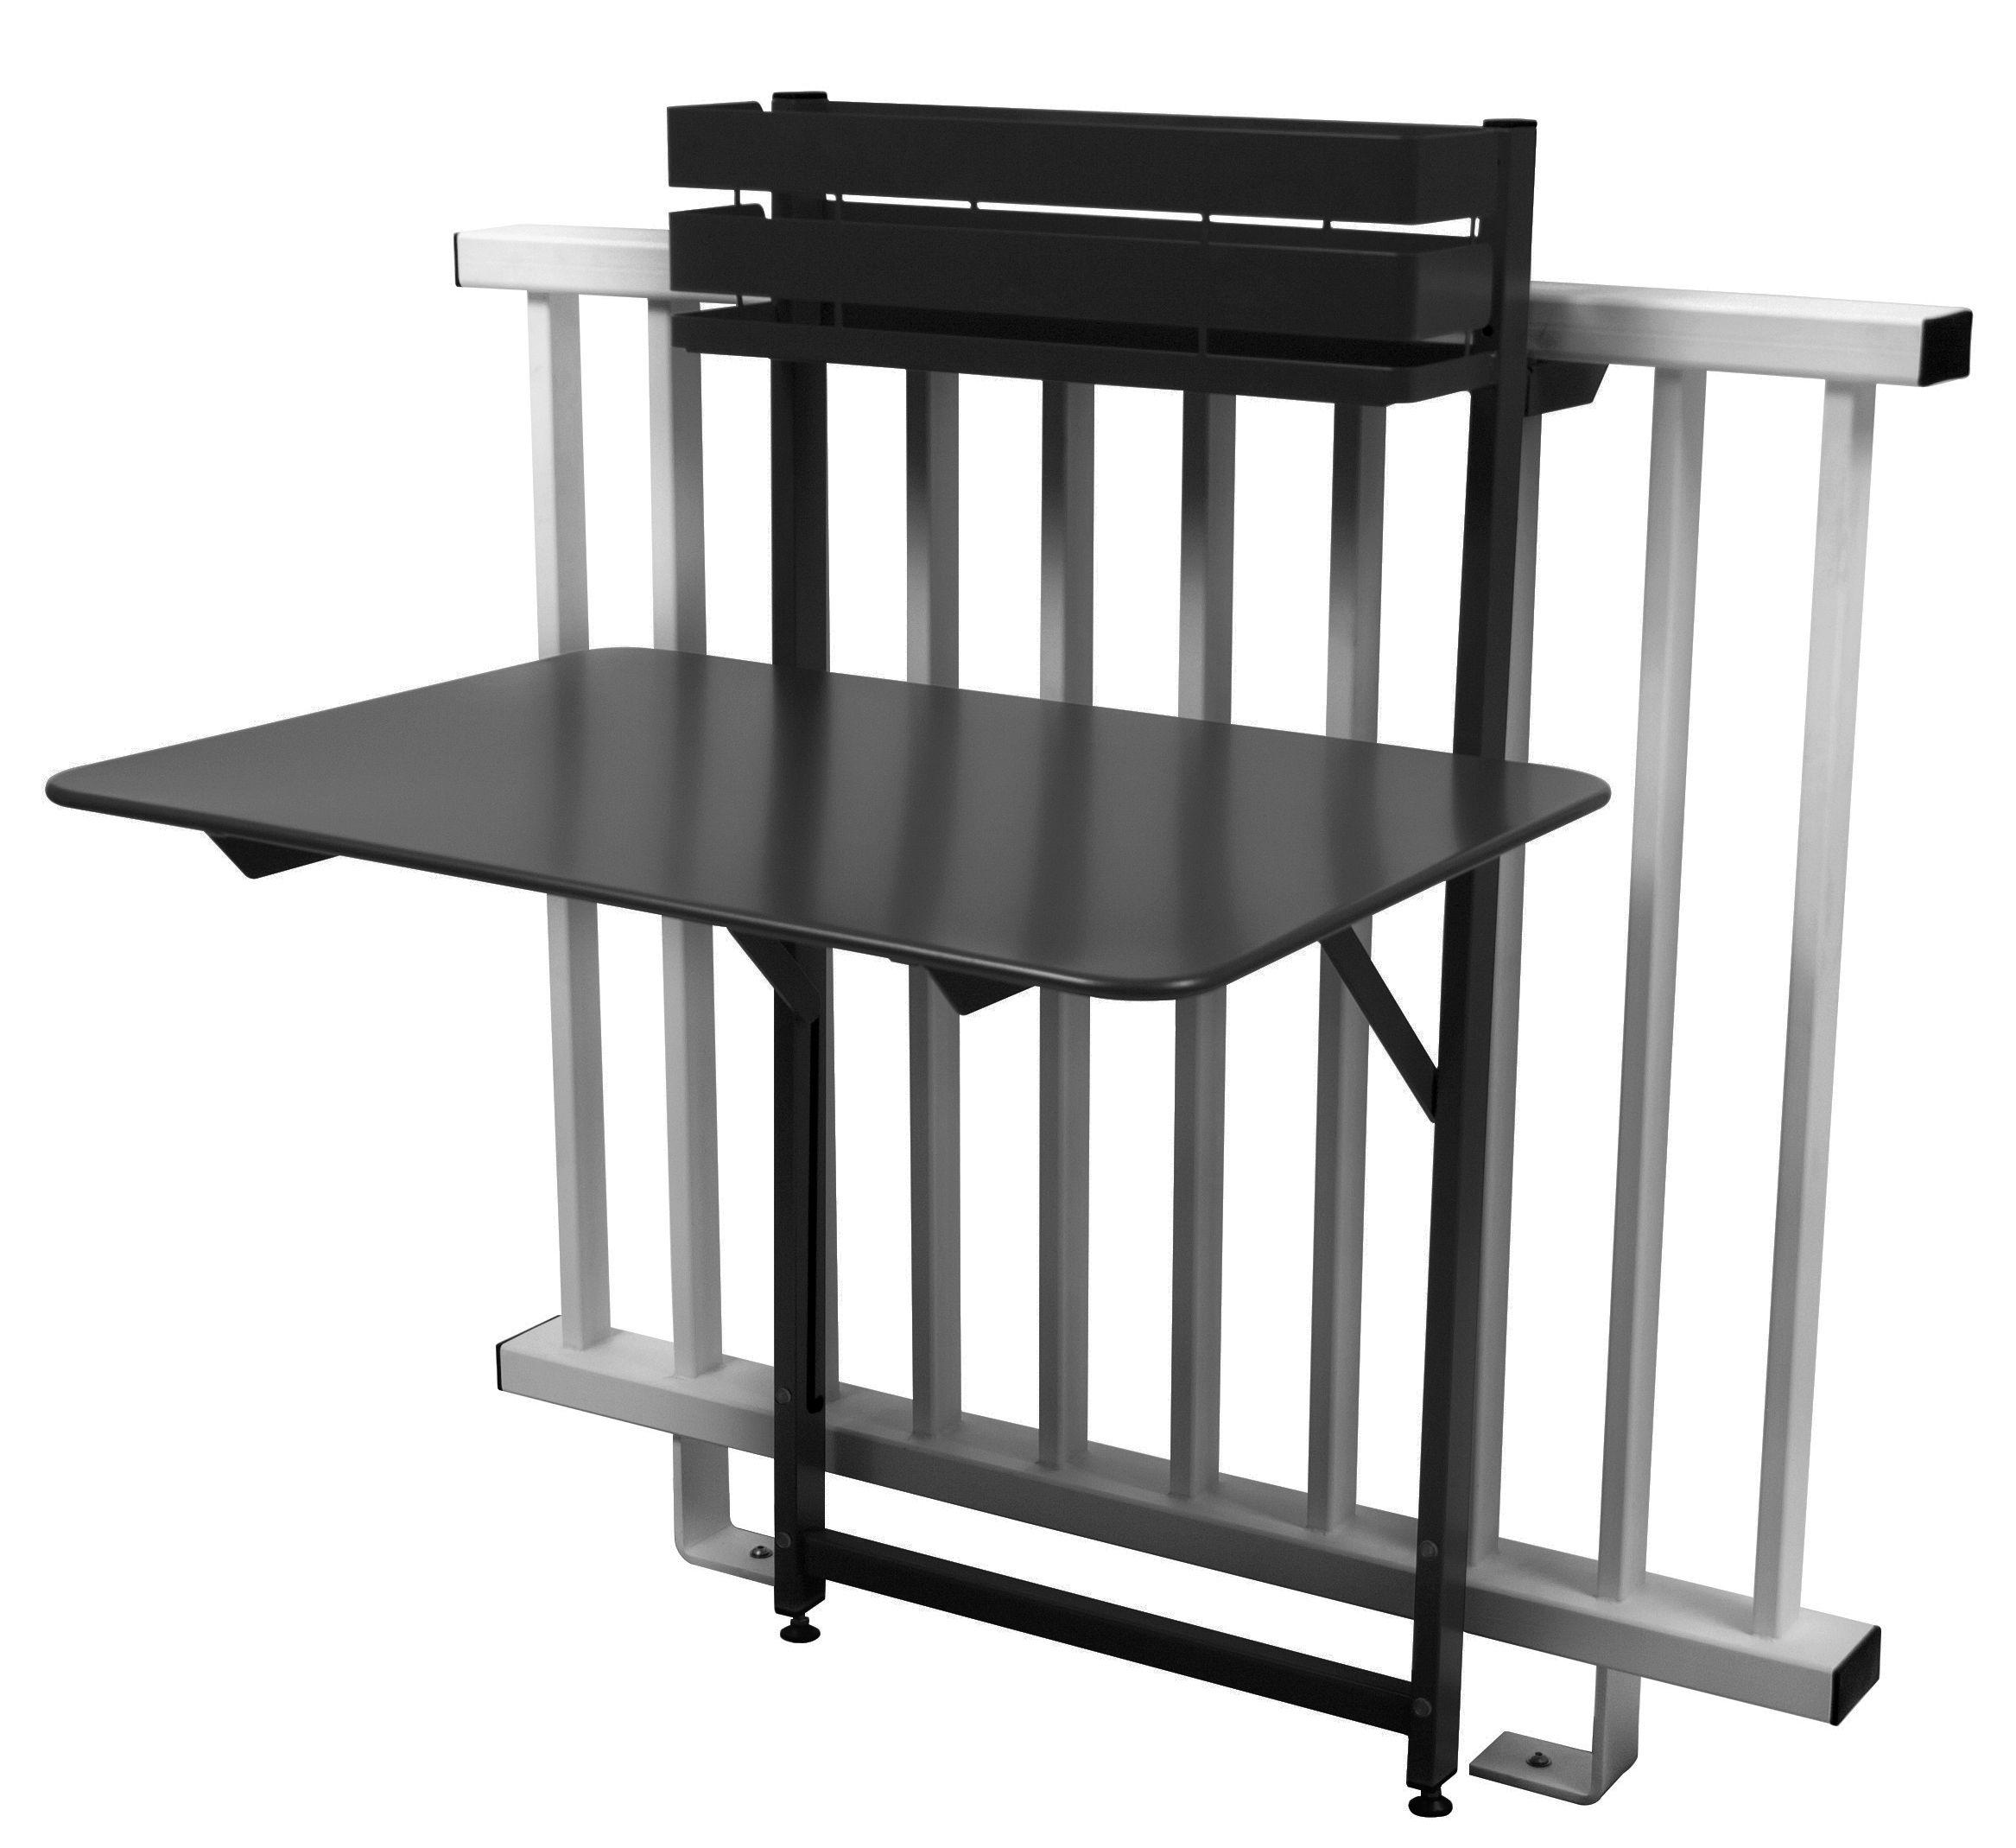 table pliante balcon bistro rabattable 77 x 64 cm r glisse fermob. Black Bedroom Furniture Sets. Home Design Ideas